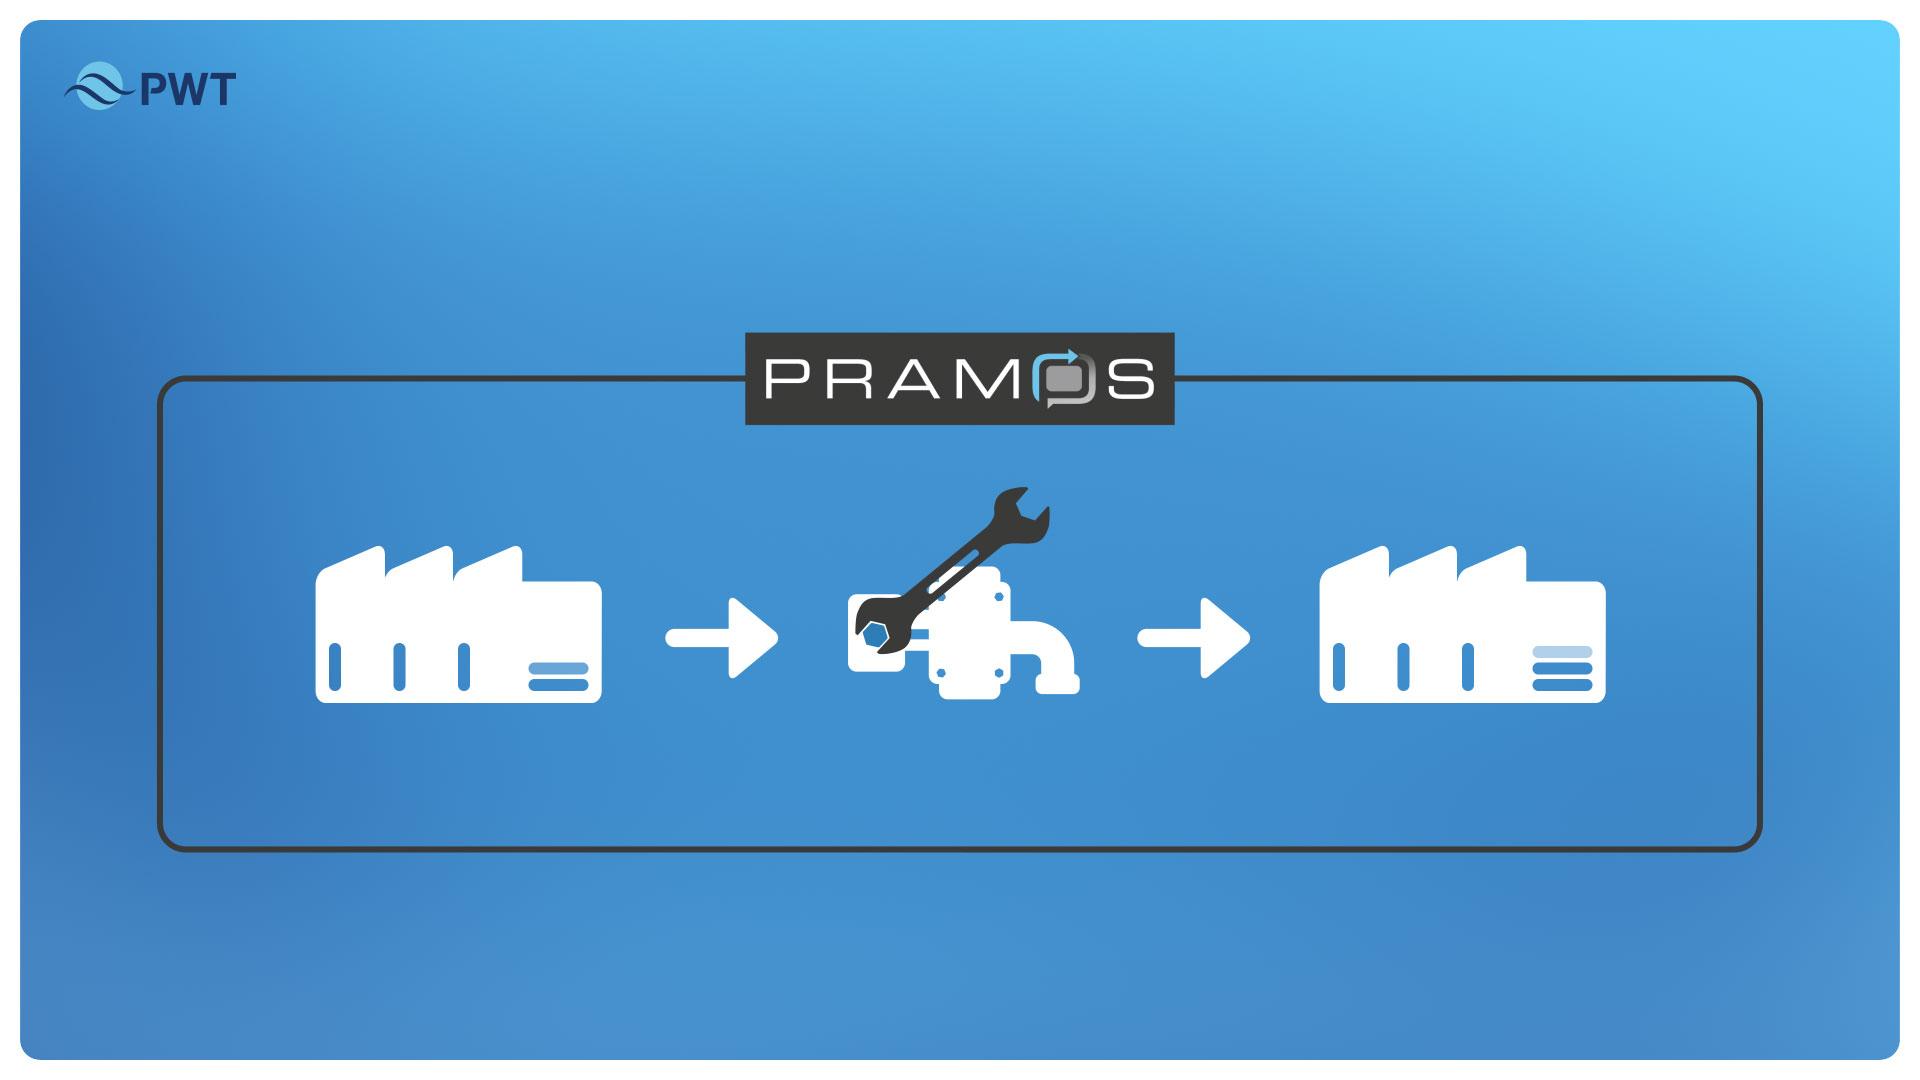 Pramos_01